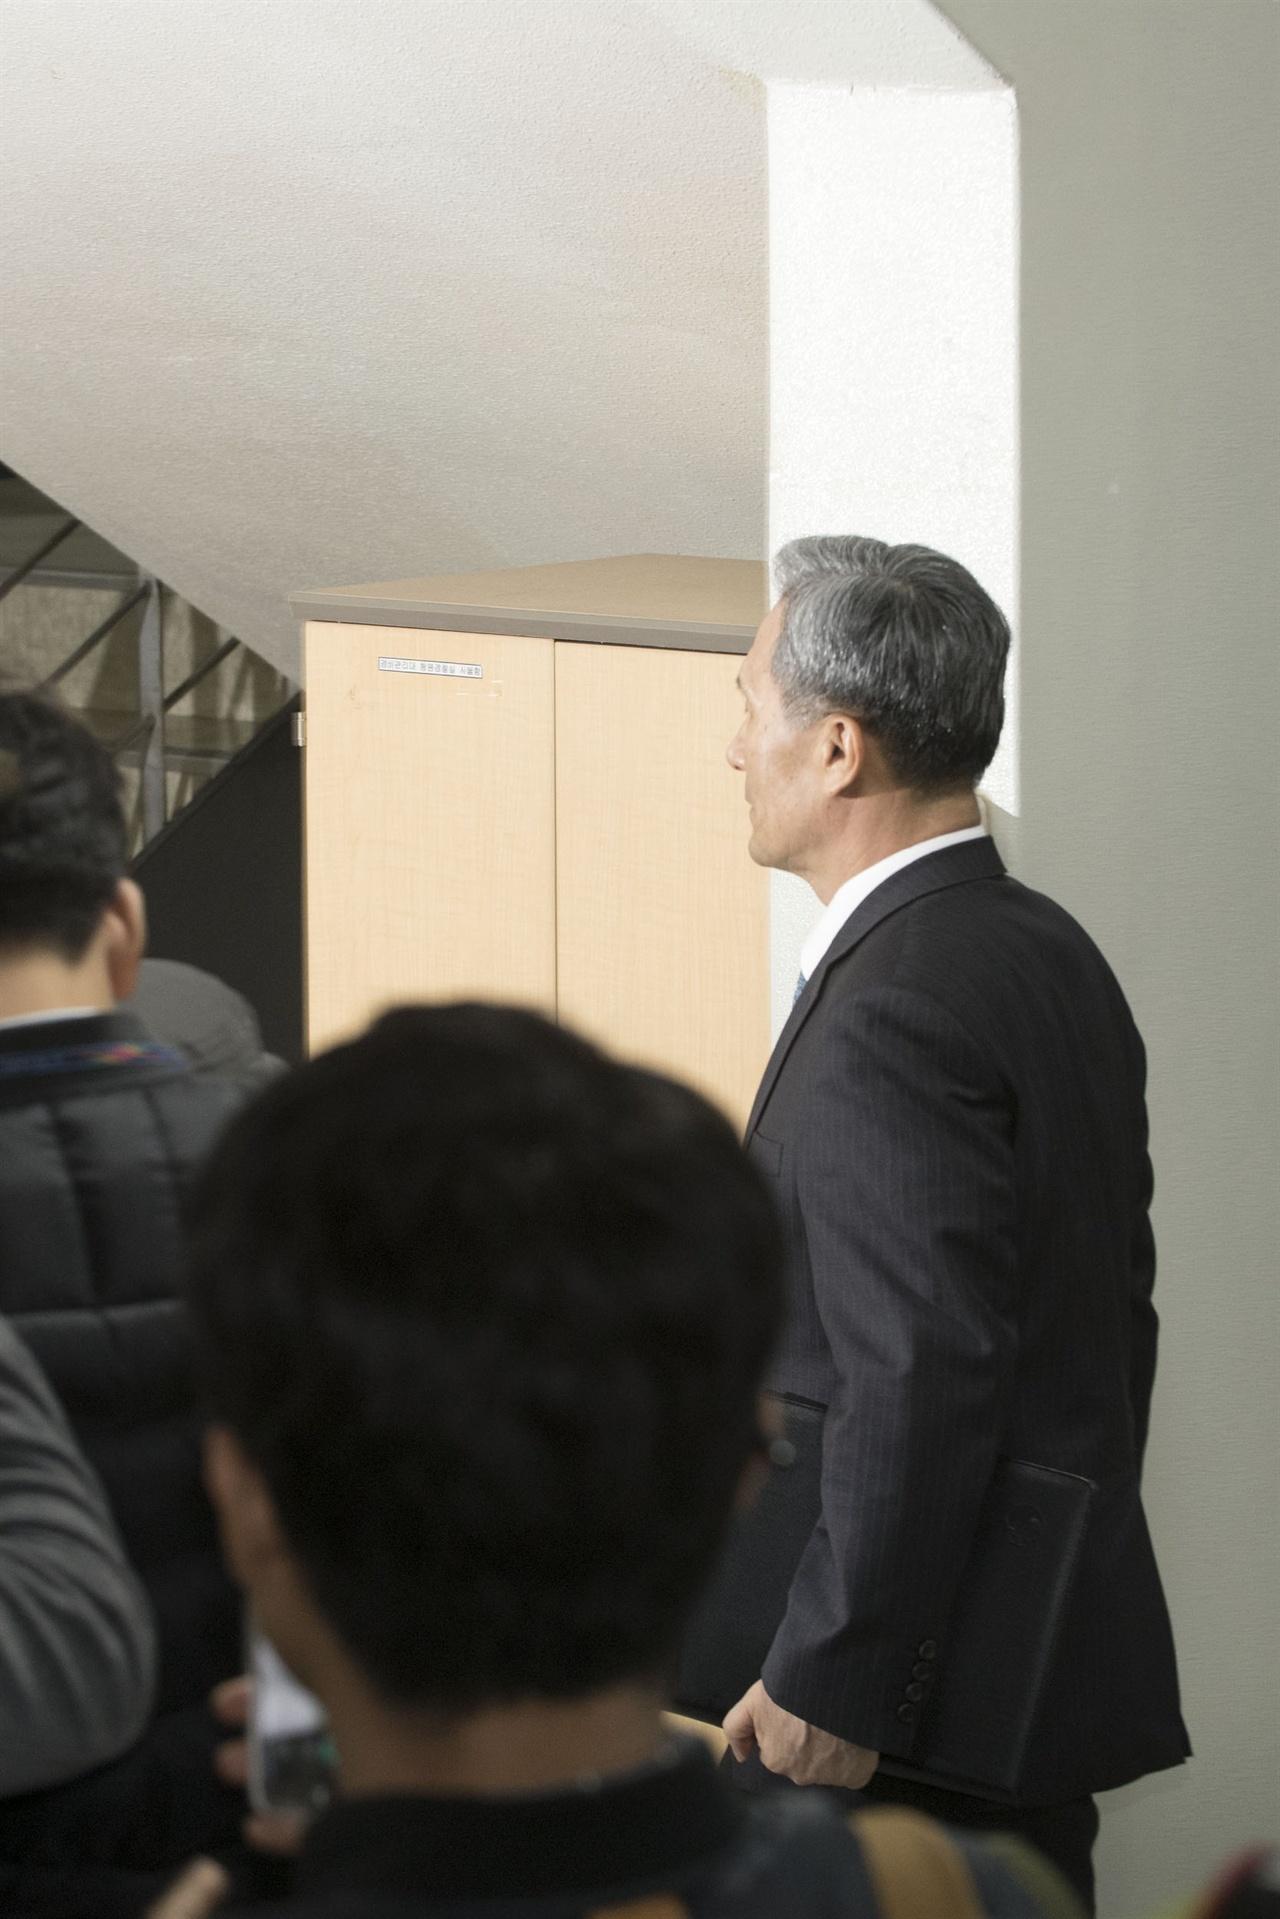 군(軍) 사이버사령부 댓글 공작을 주도한 의혹을 받고 있는 김관진 전 국방부 장관이 구속영장실질심사를 받기위해 10일 오전 서울 서초동 서울중앙지방법원에 출석하고 있다. 2017.11.10